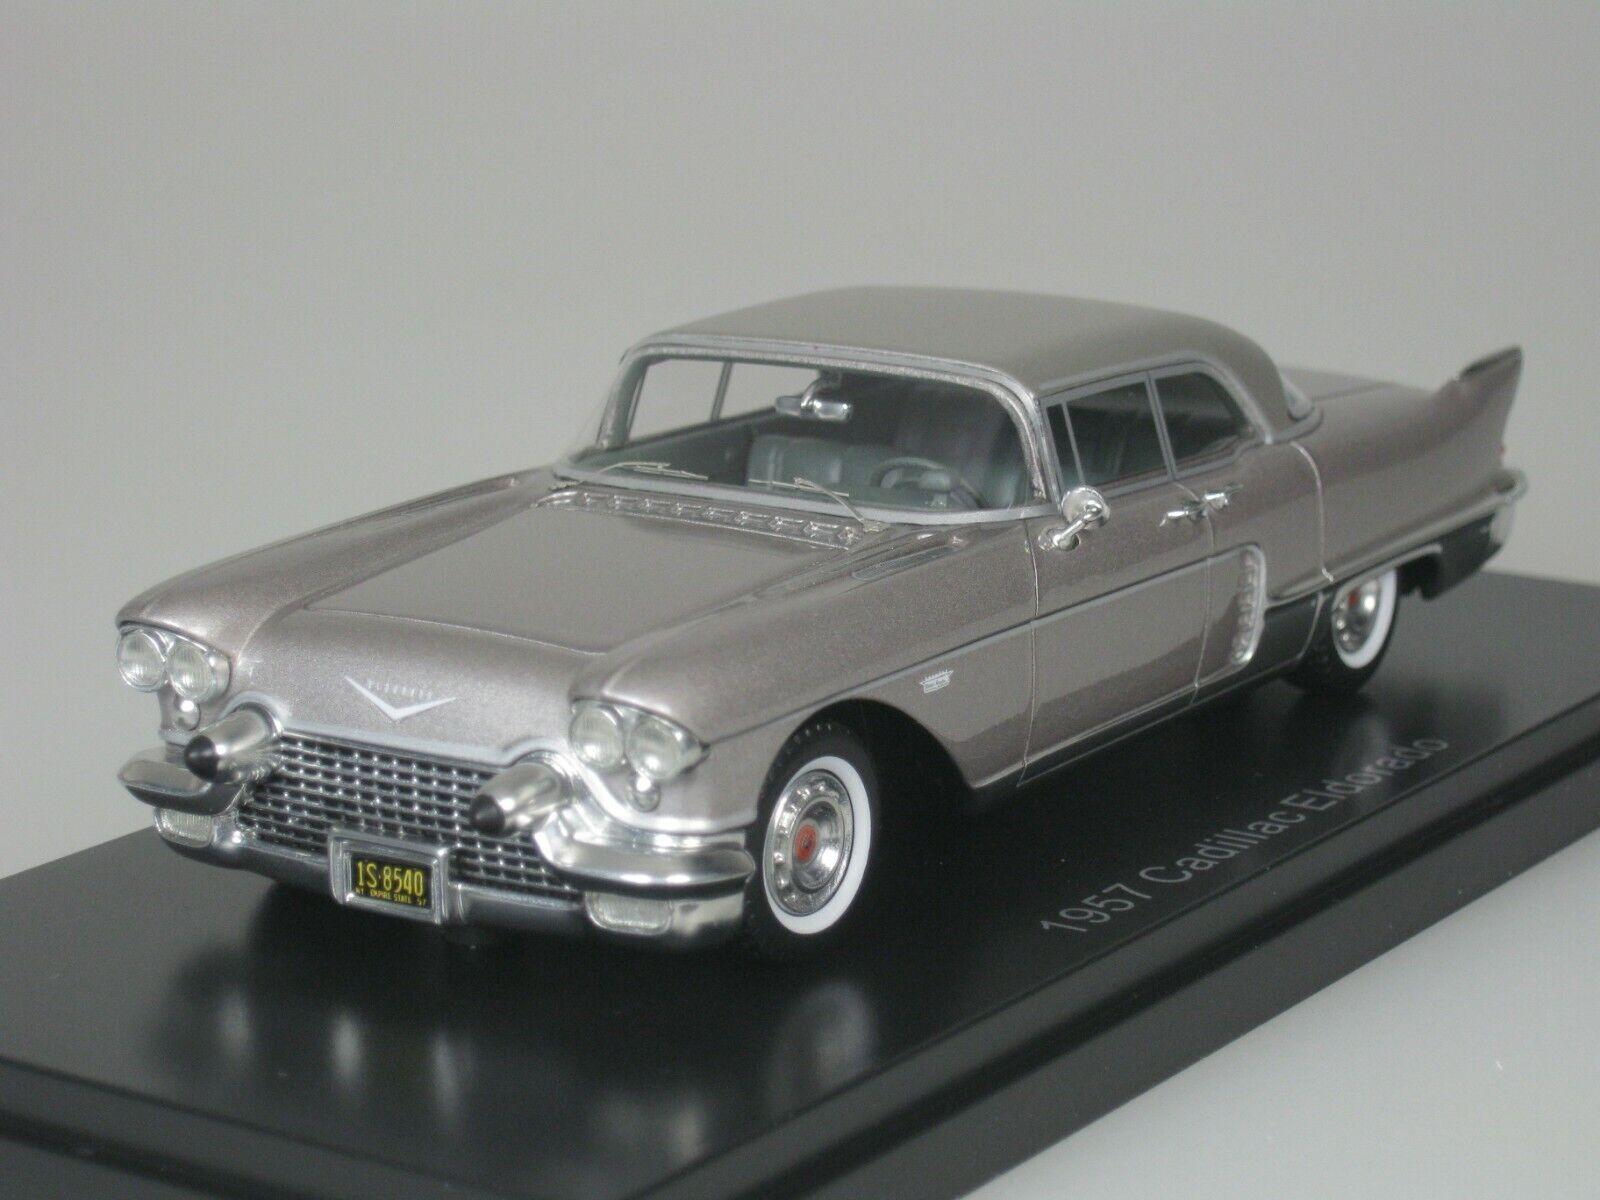 Cadillac Eldorado Brougham 1957 Beige Metálico Aluminio 1 43 Neo 46985 Nuevo